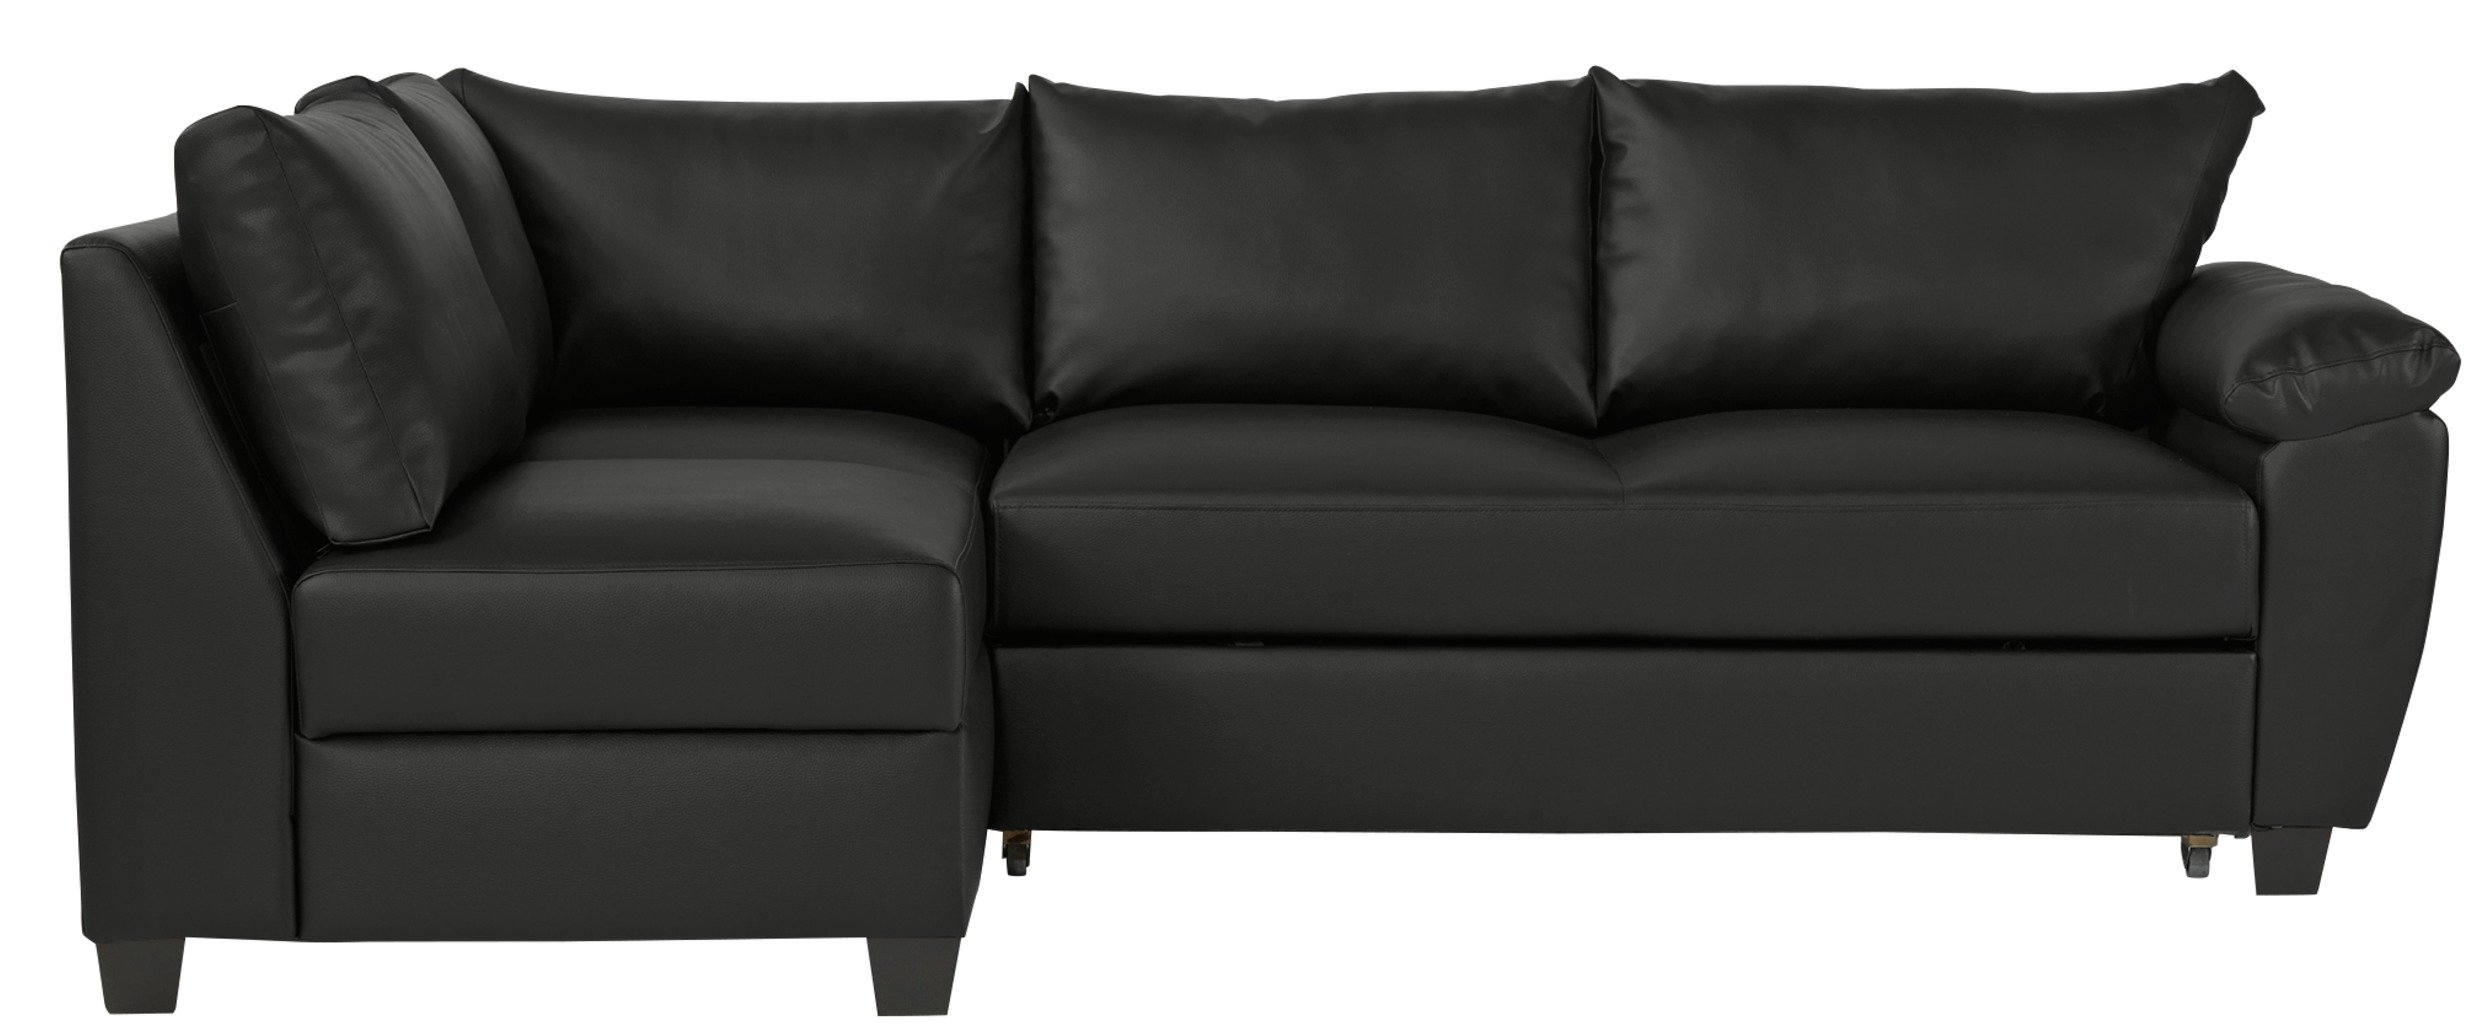 corner sofa bed. Collection Fernando Leather Eff Left Corner Sofa Bed - Black